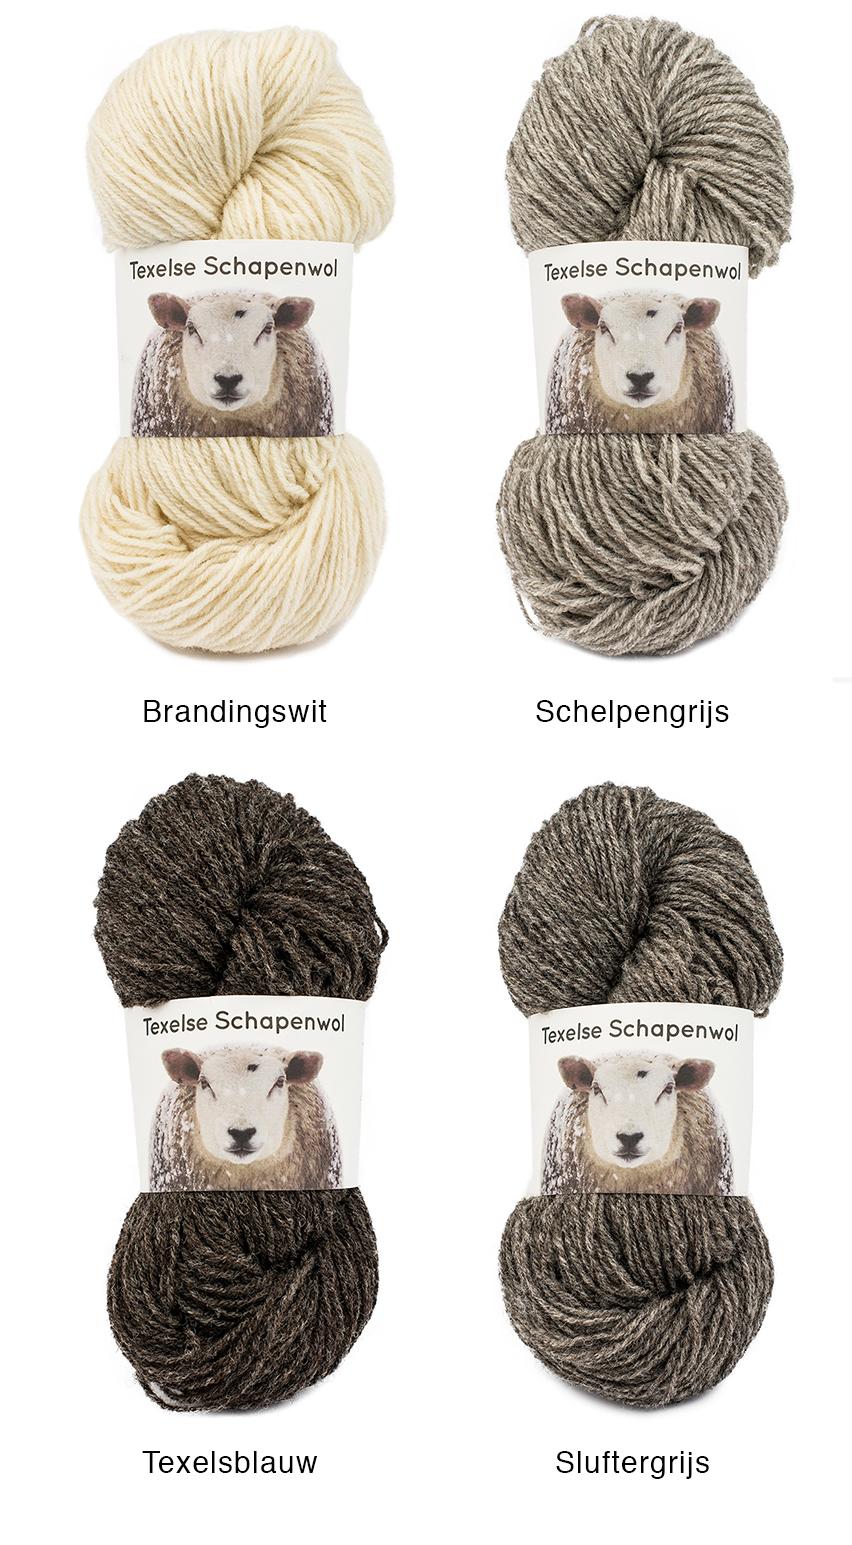 noordkroon texelse schapenwol